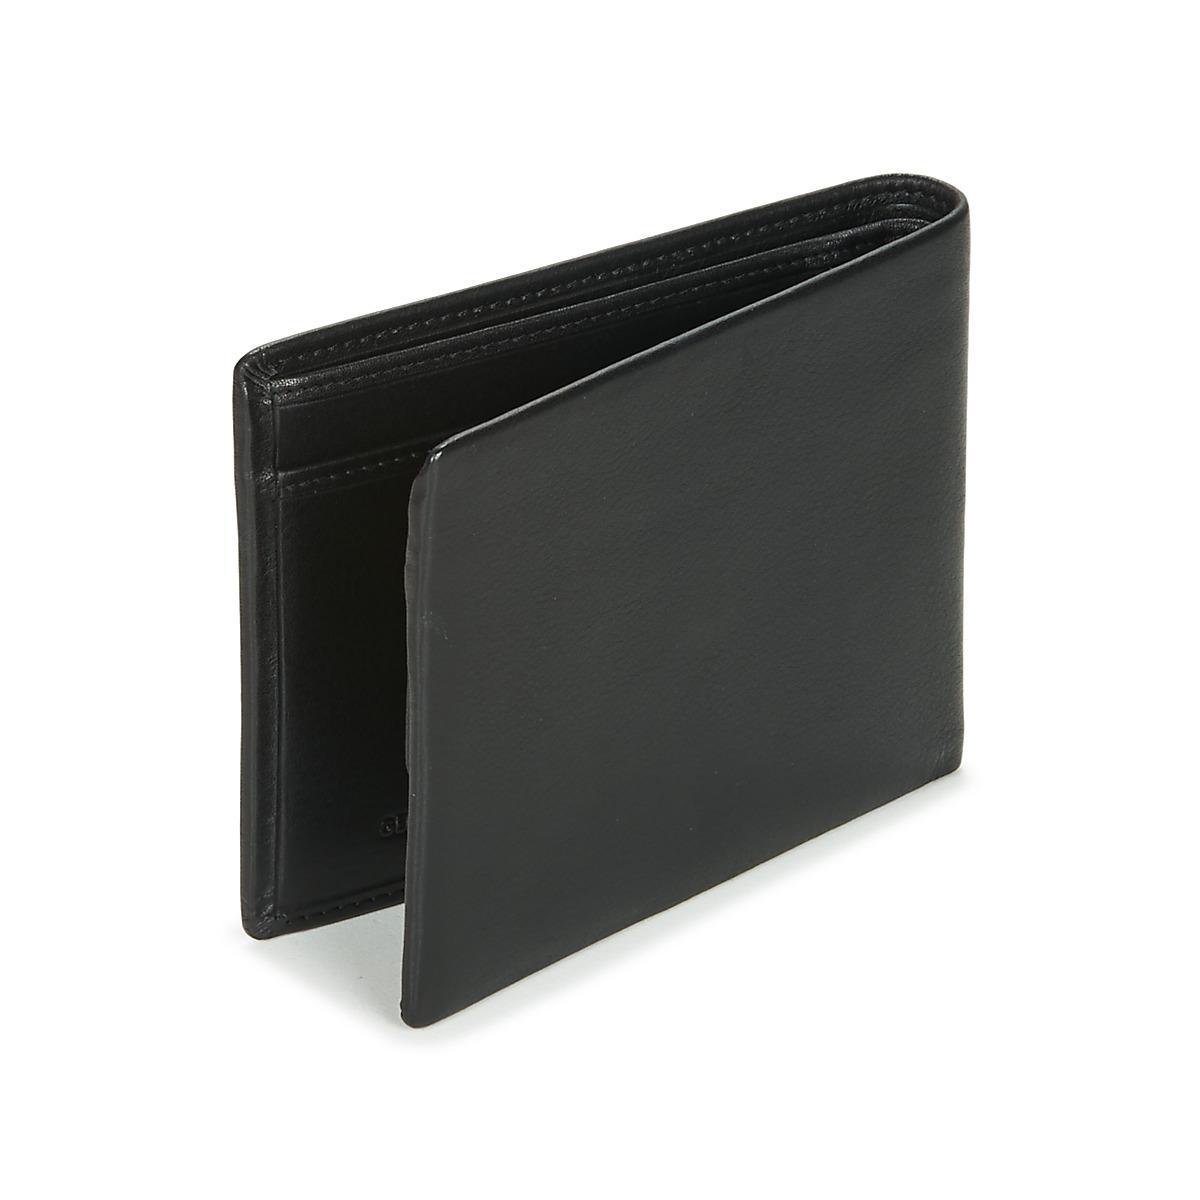 Guess New Boston Billfold W coin Pocket Men s Purse Wallet In Black ... 9066def442